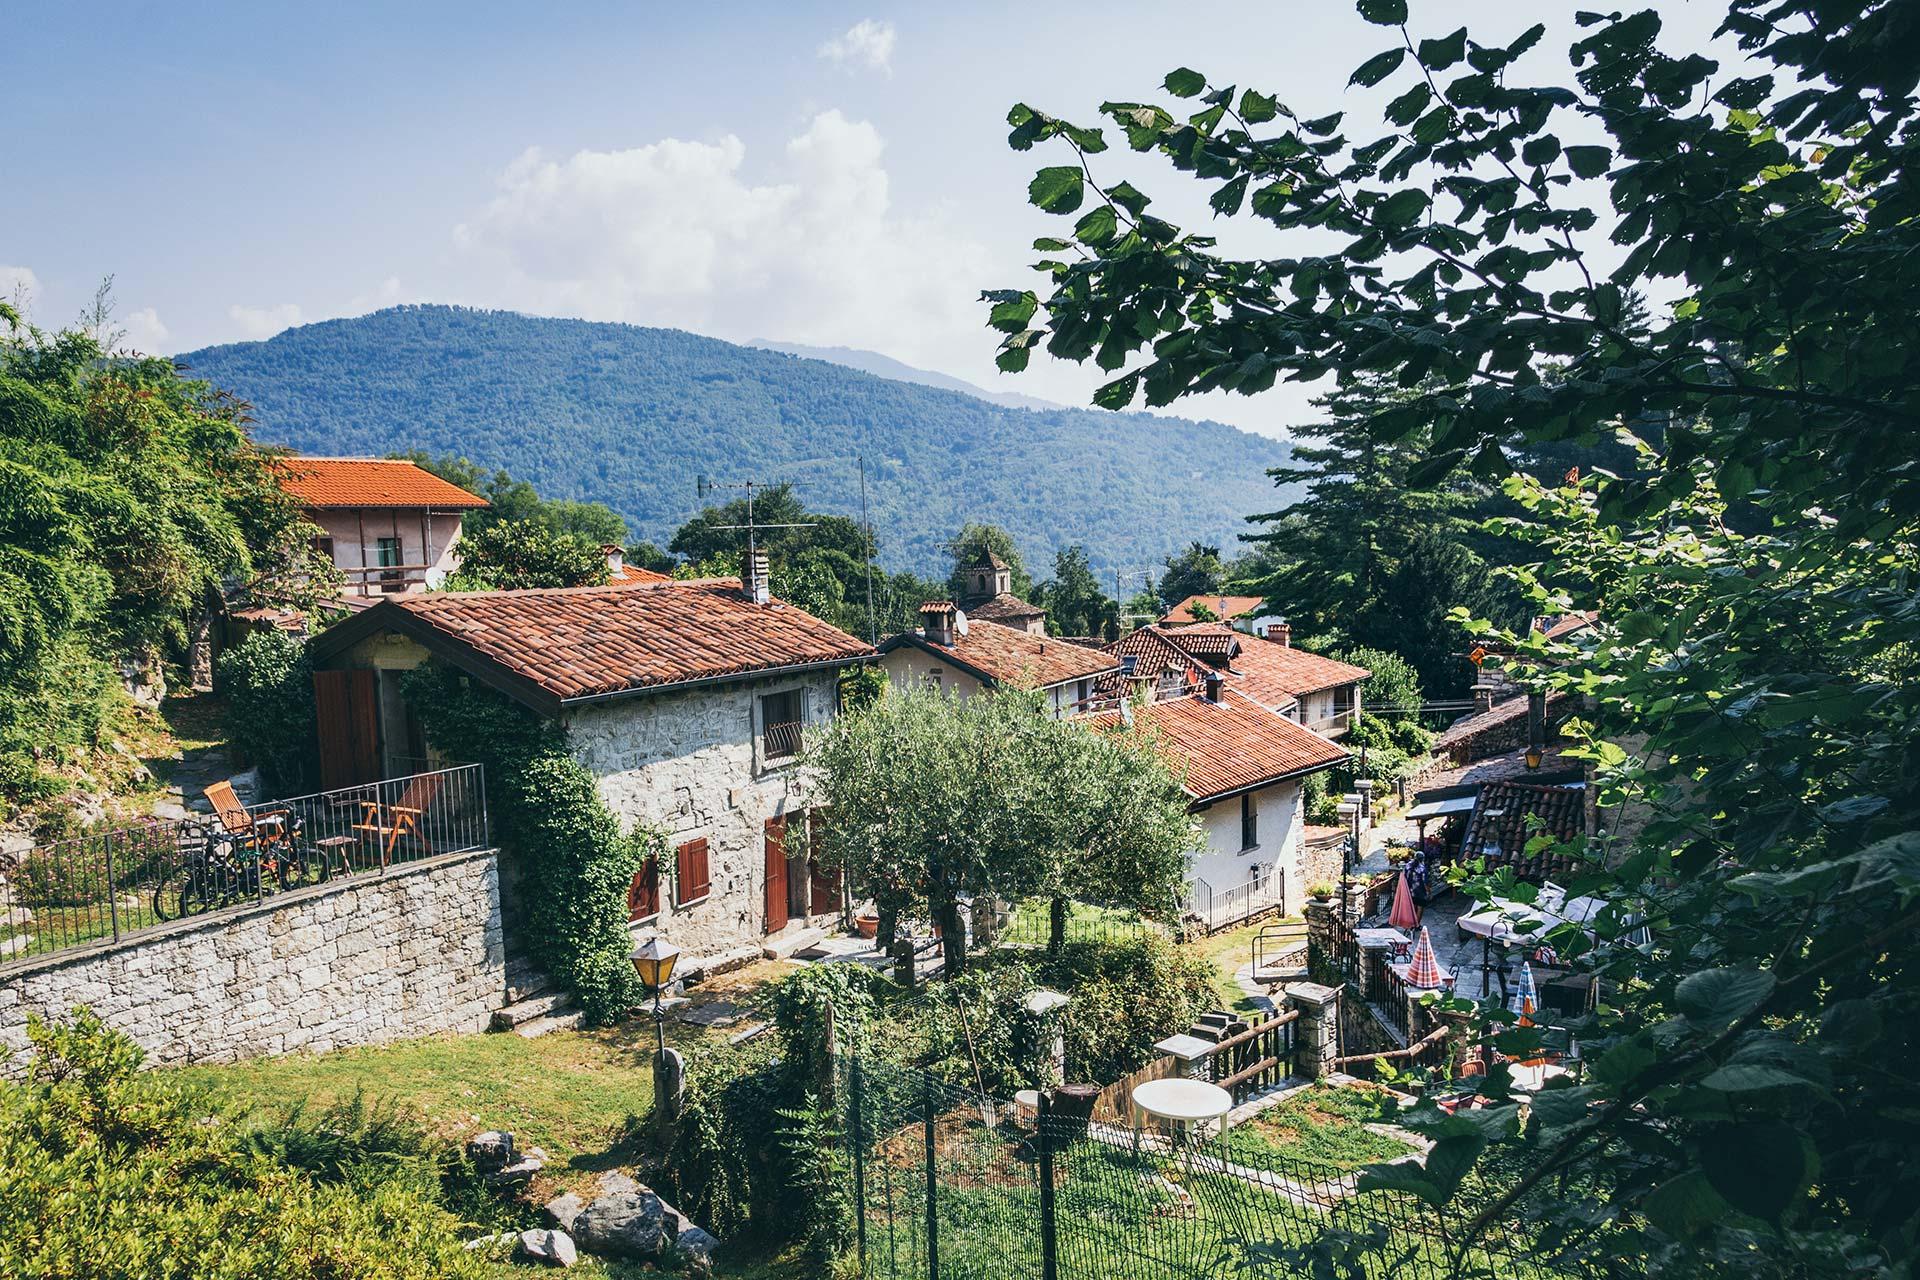 Idyllisch und verschlafen ruht das Dorf Montorfano unterhalb des Gipfels und hält eine Überraschung bereit.